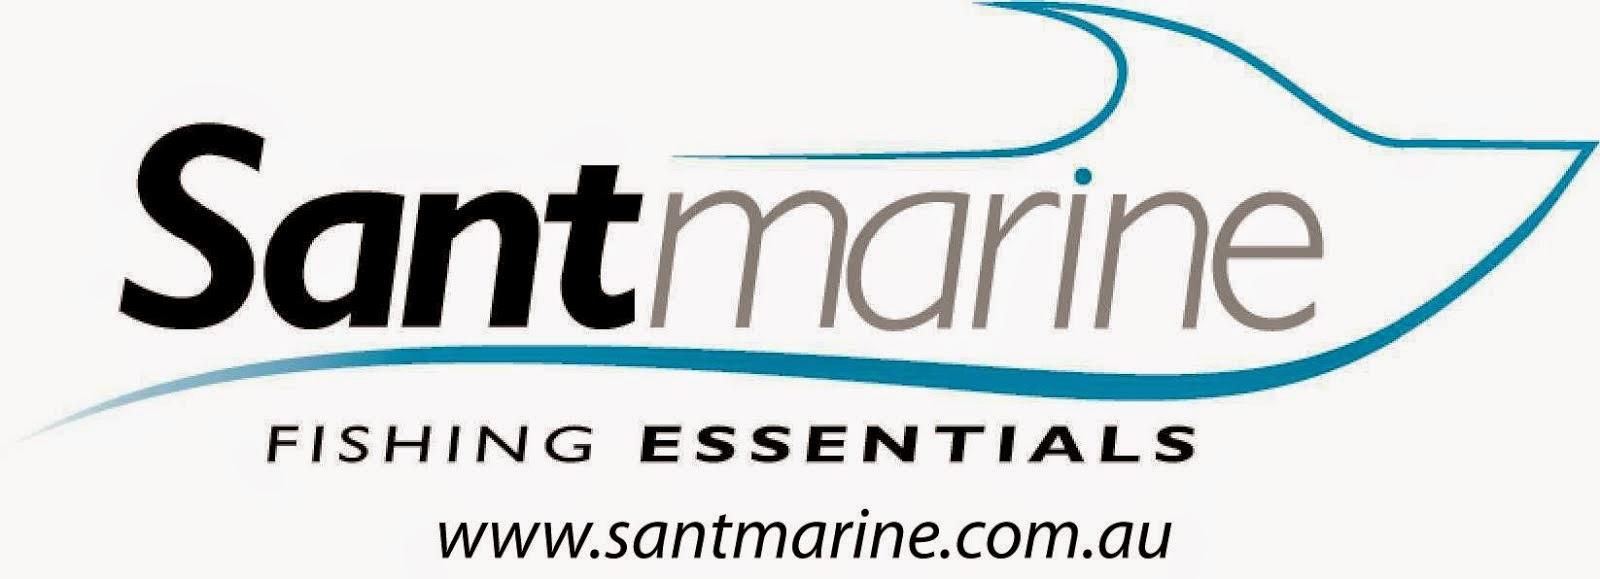 Santmarine